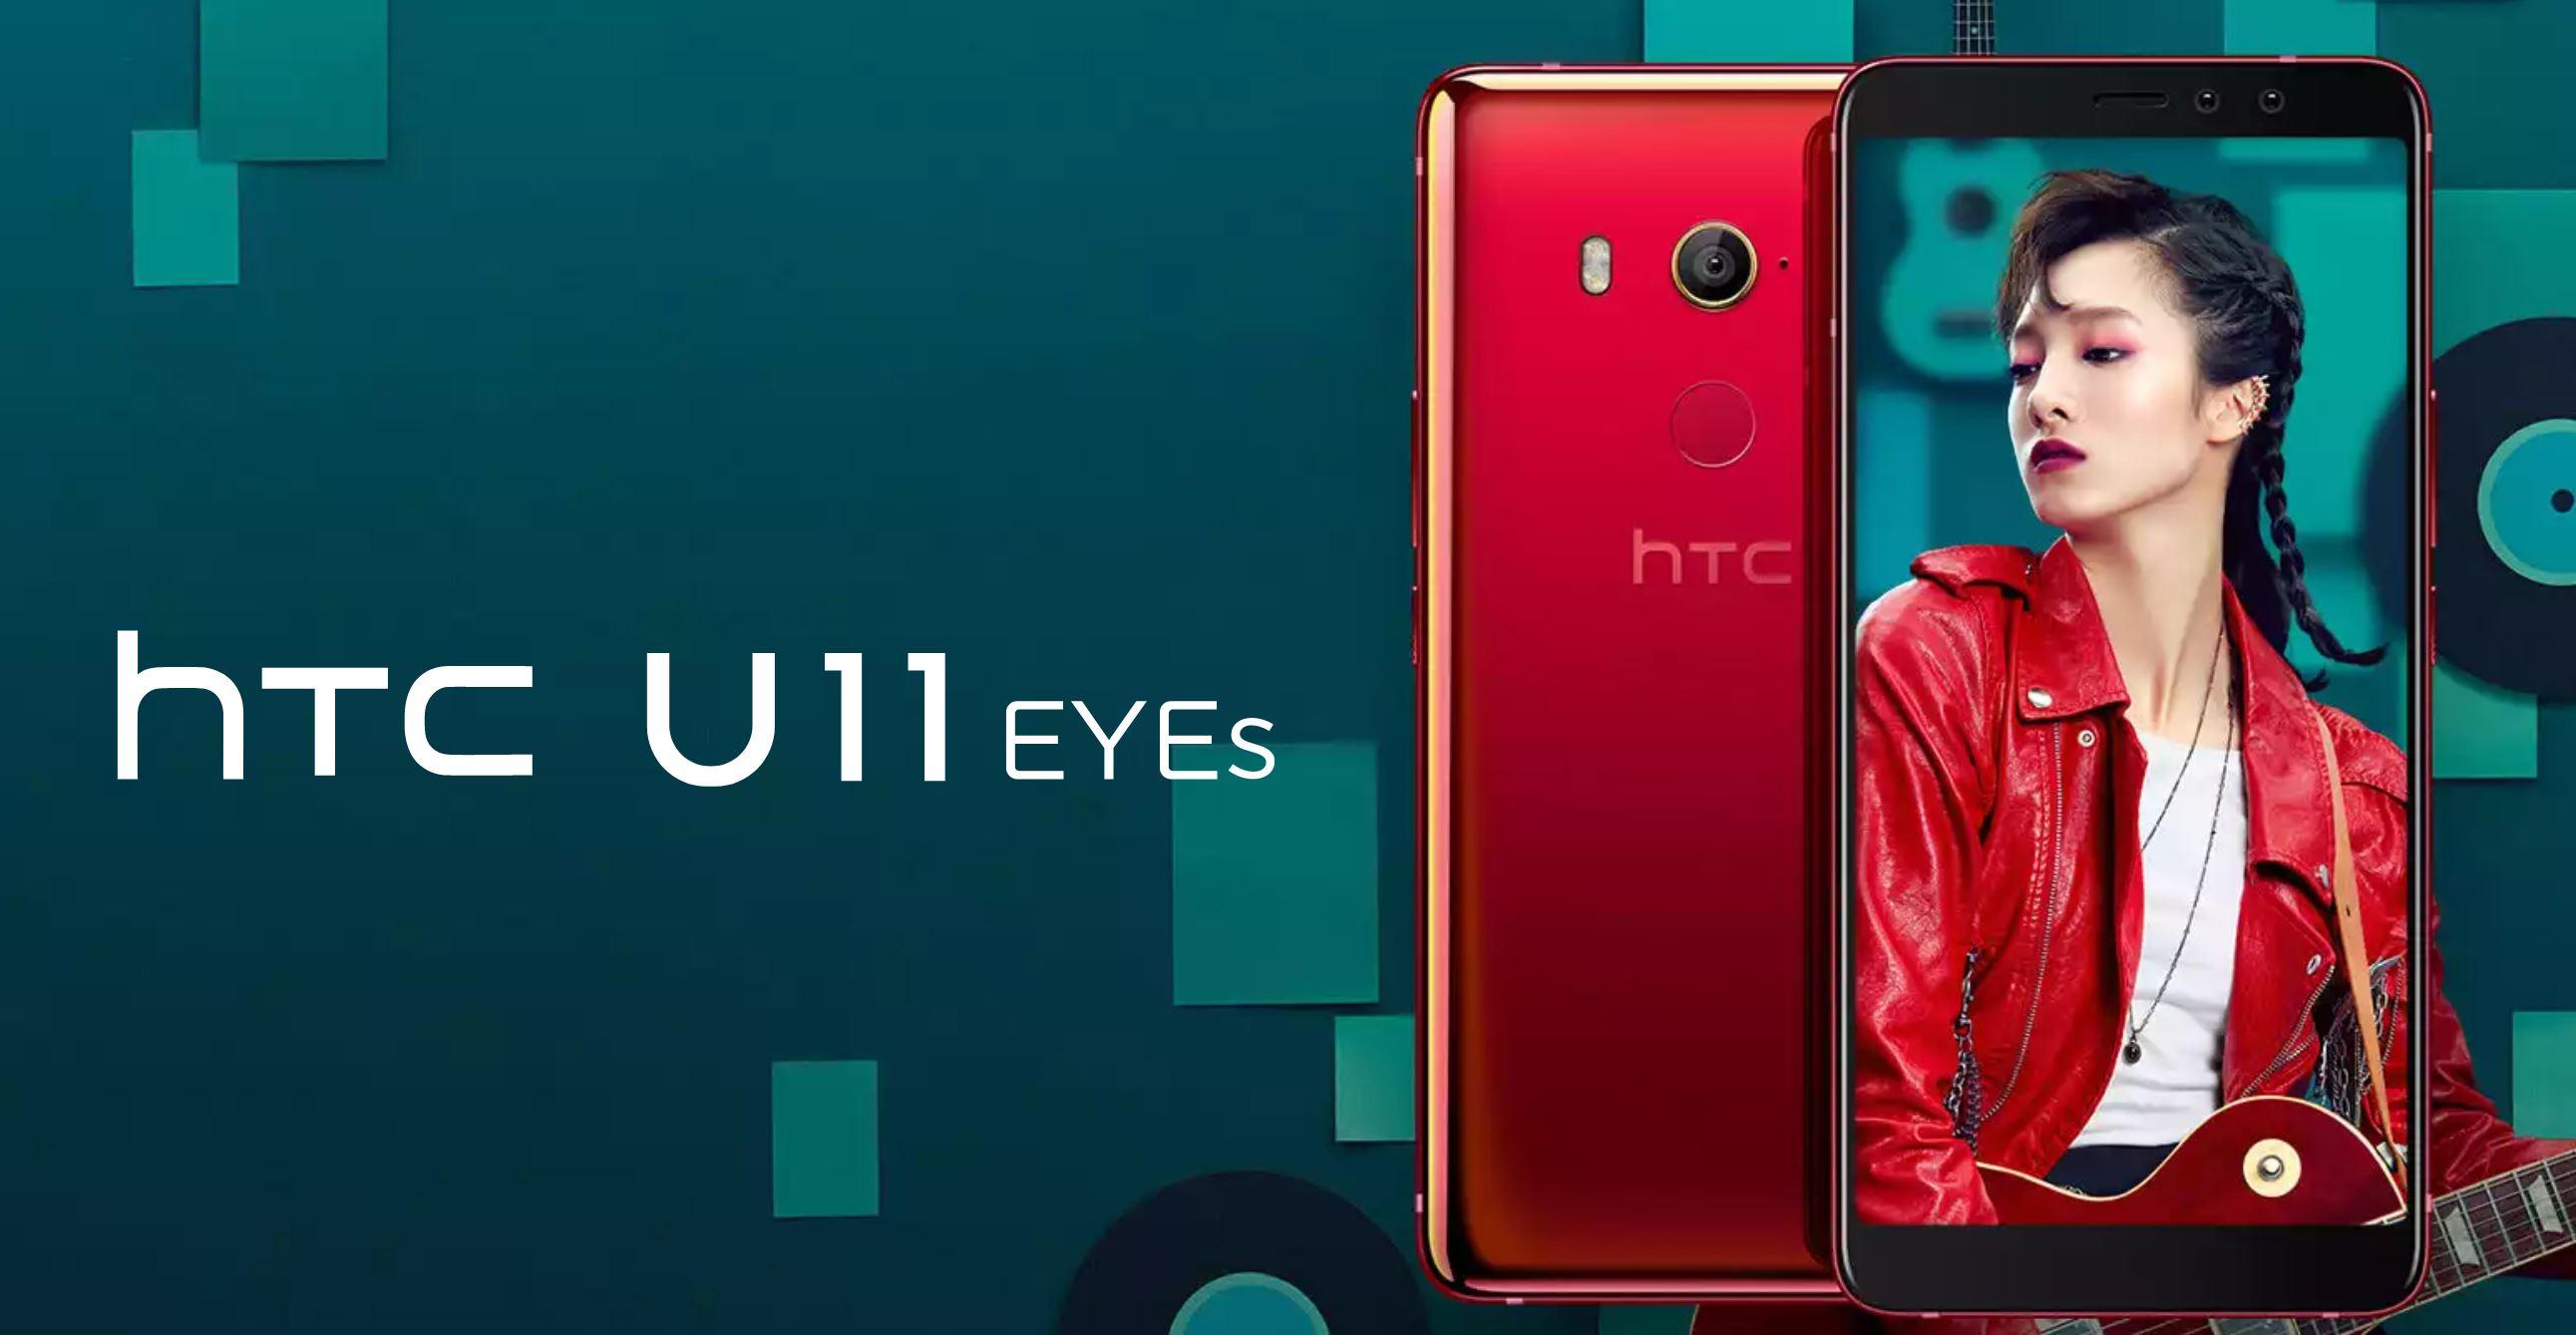 フロントデュアルカメラ搭載の「HTC U11 EYEs」を発表